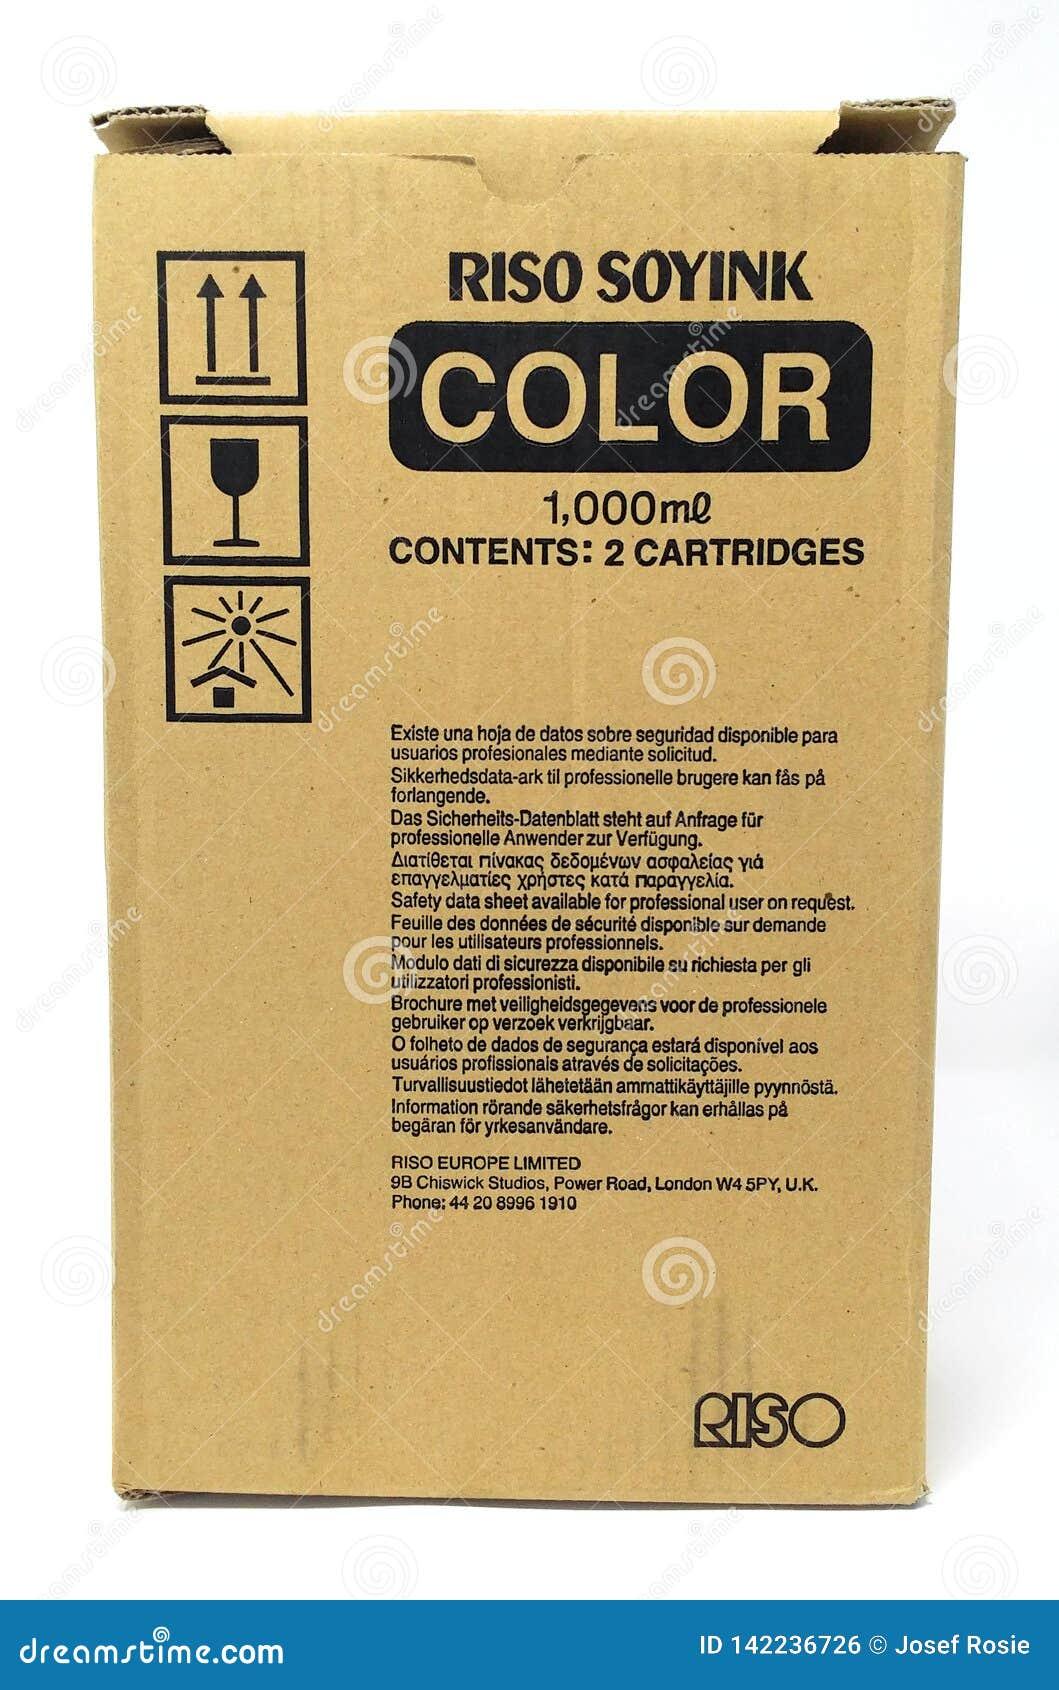 Riso甜墨水颜色1000ml内容两个弹药筒